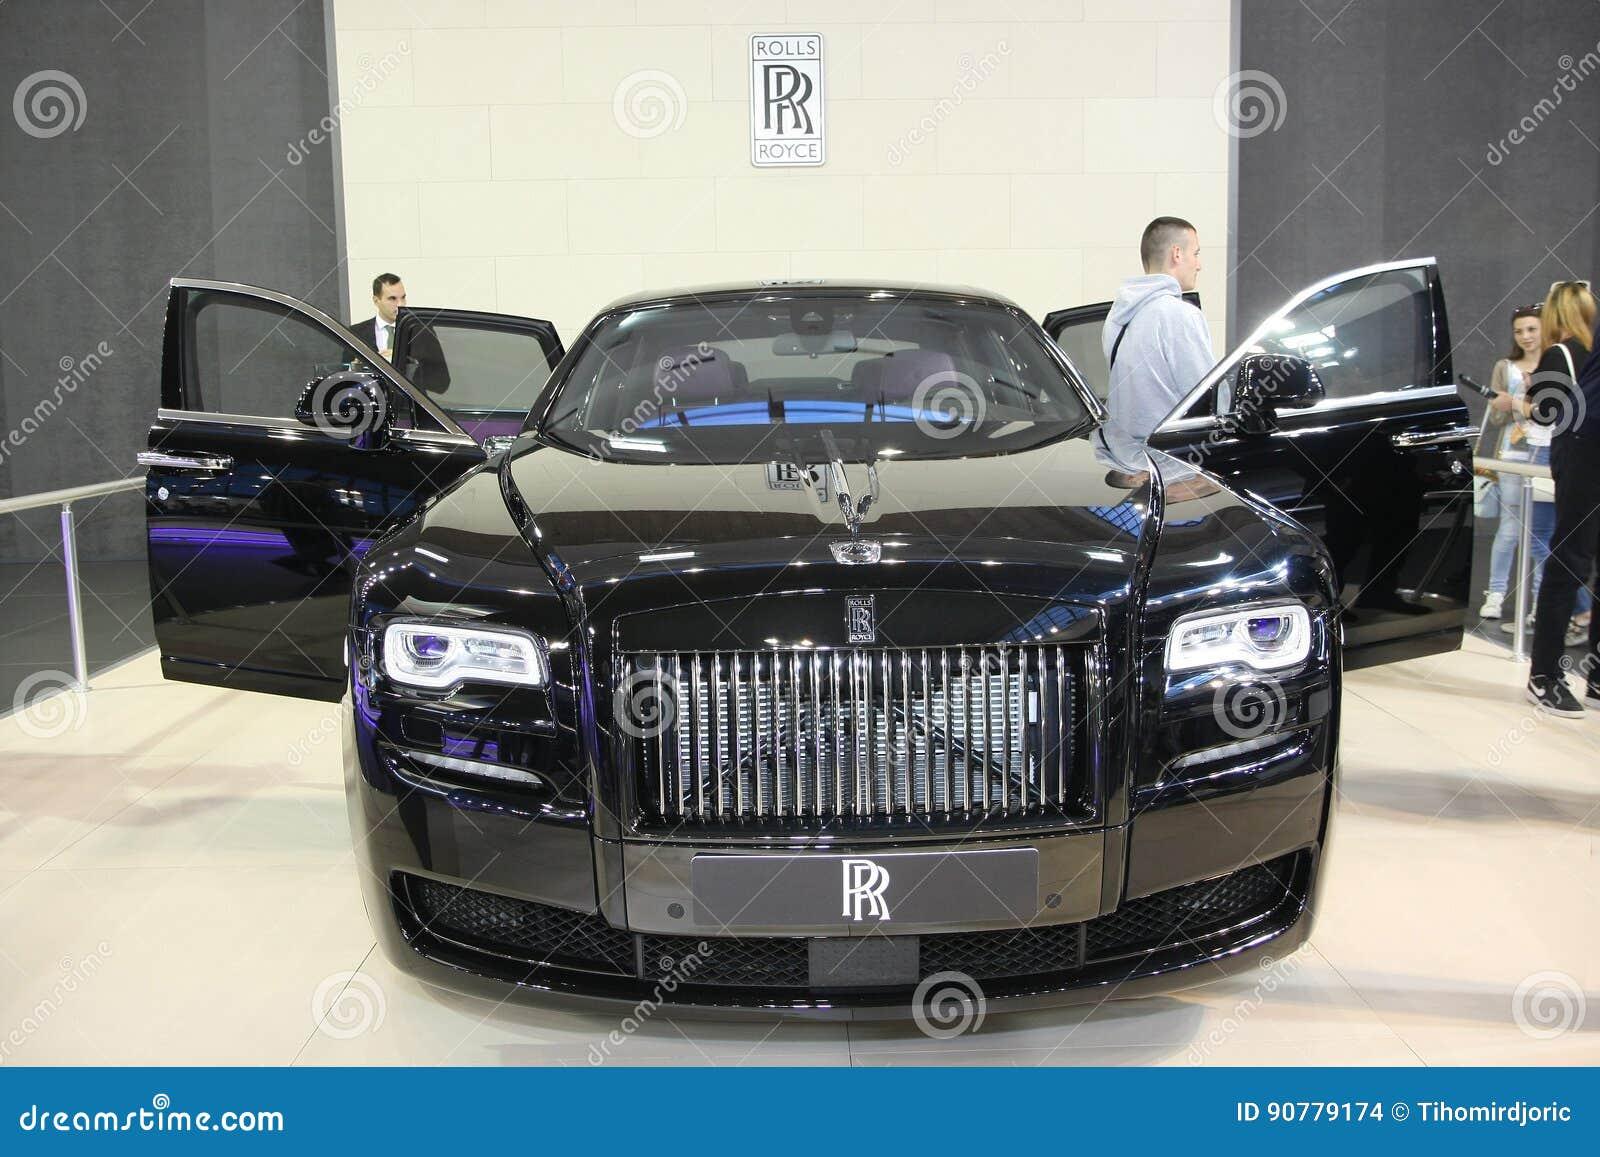 Rolls Royce no Car Show de Belgrado